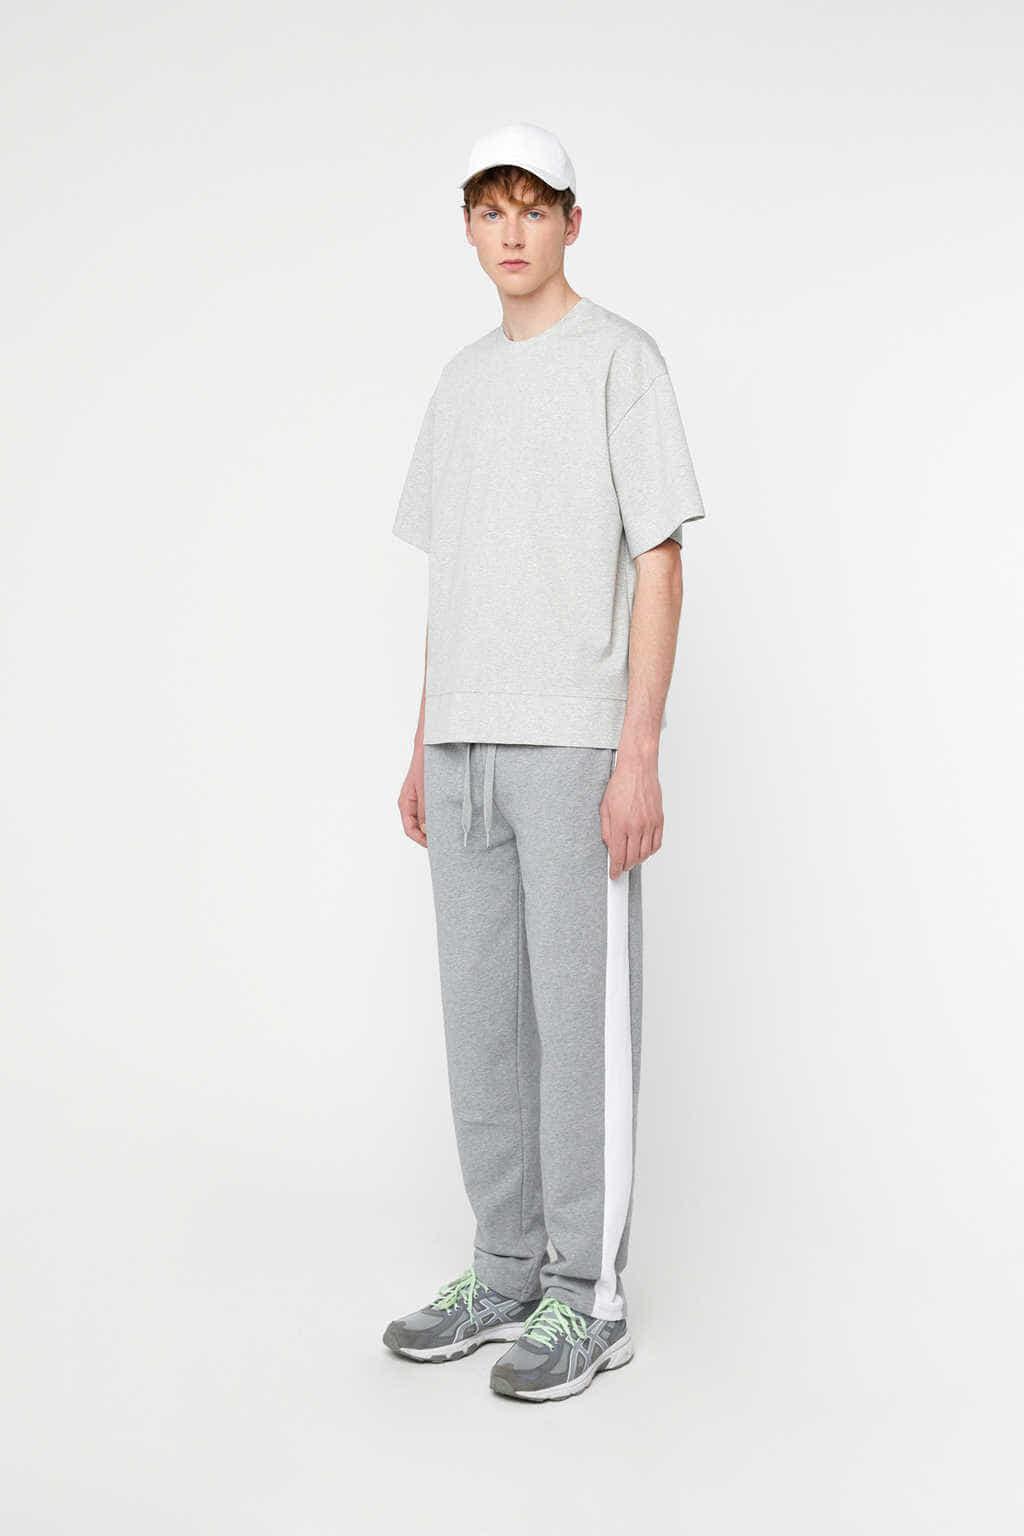 TShirt K007M Gray 2